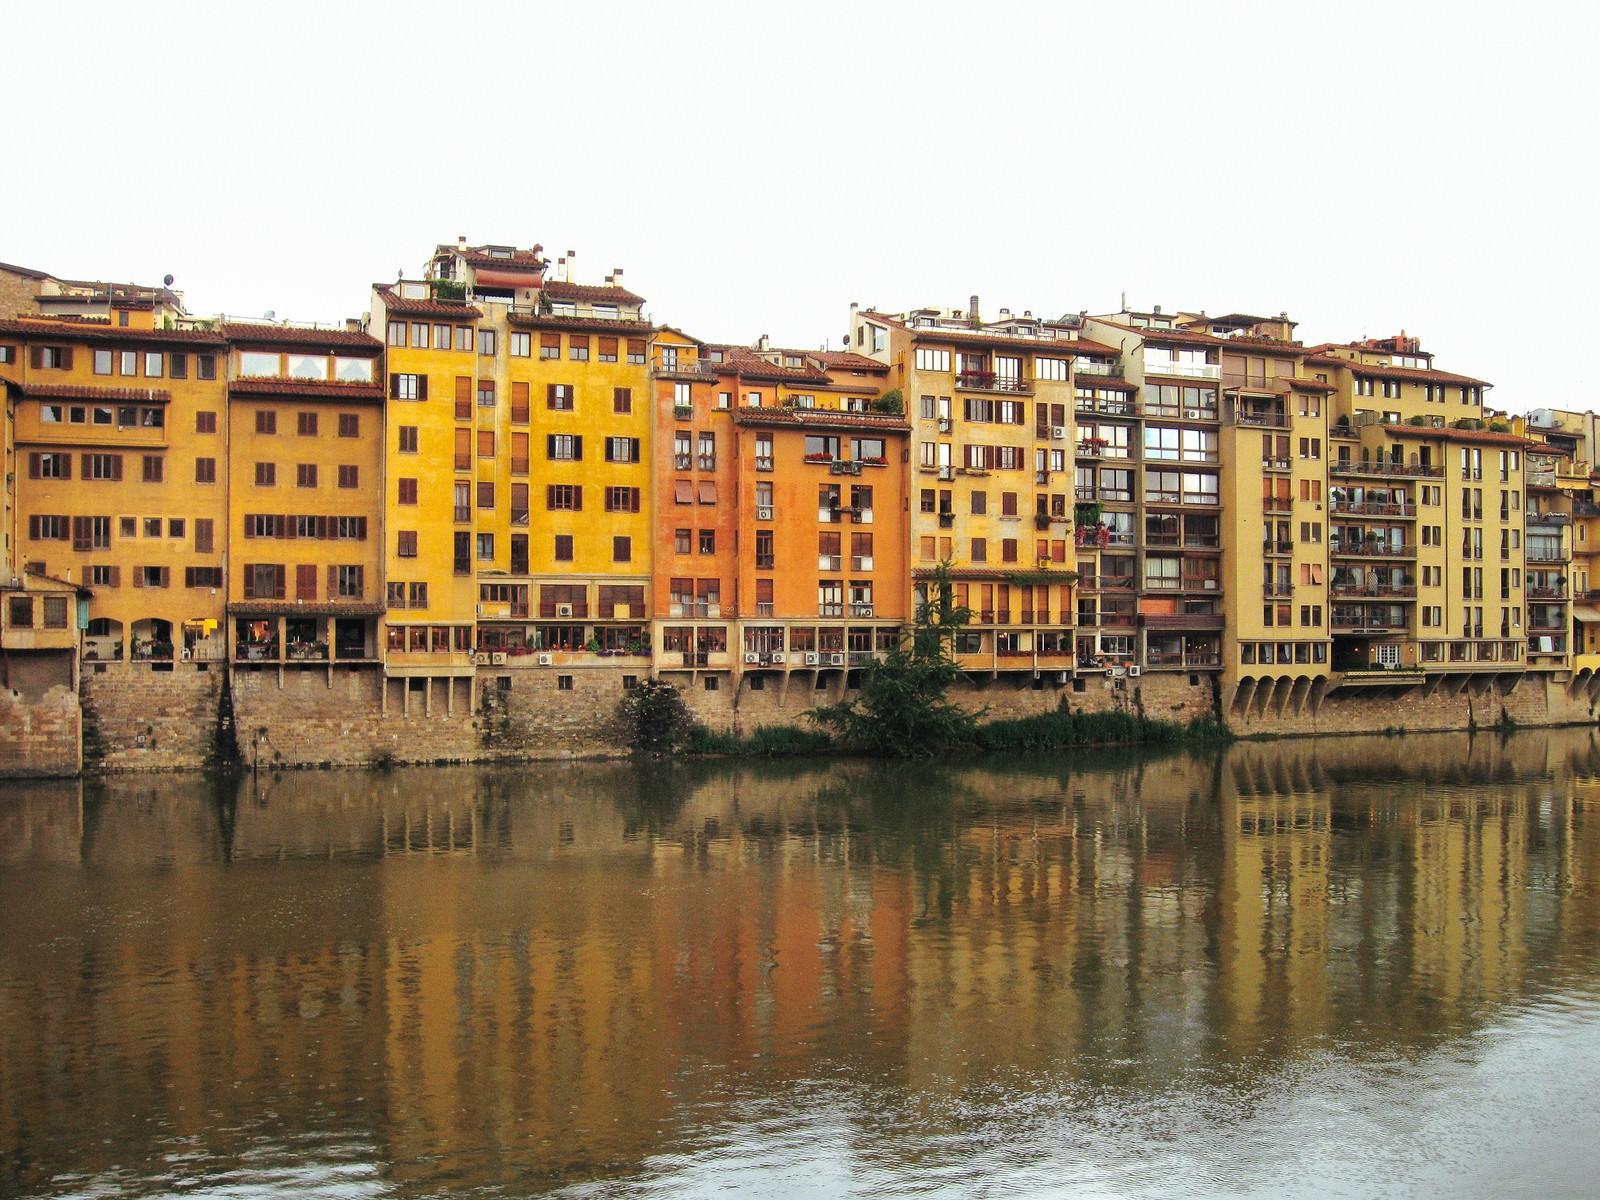 「フィレンツェを流れる川に映りこむ建築物(イタリア)」の写真